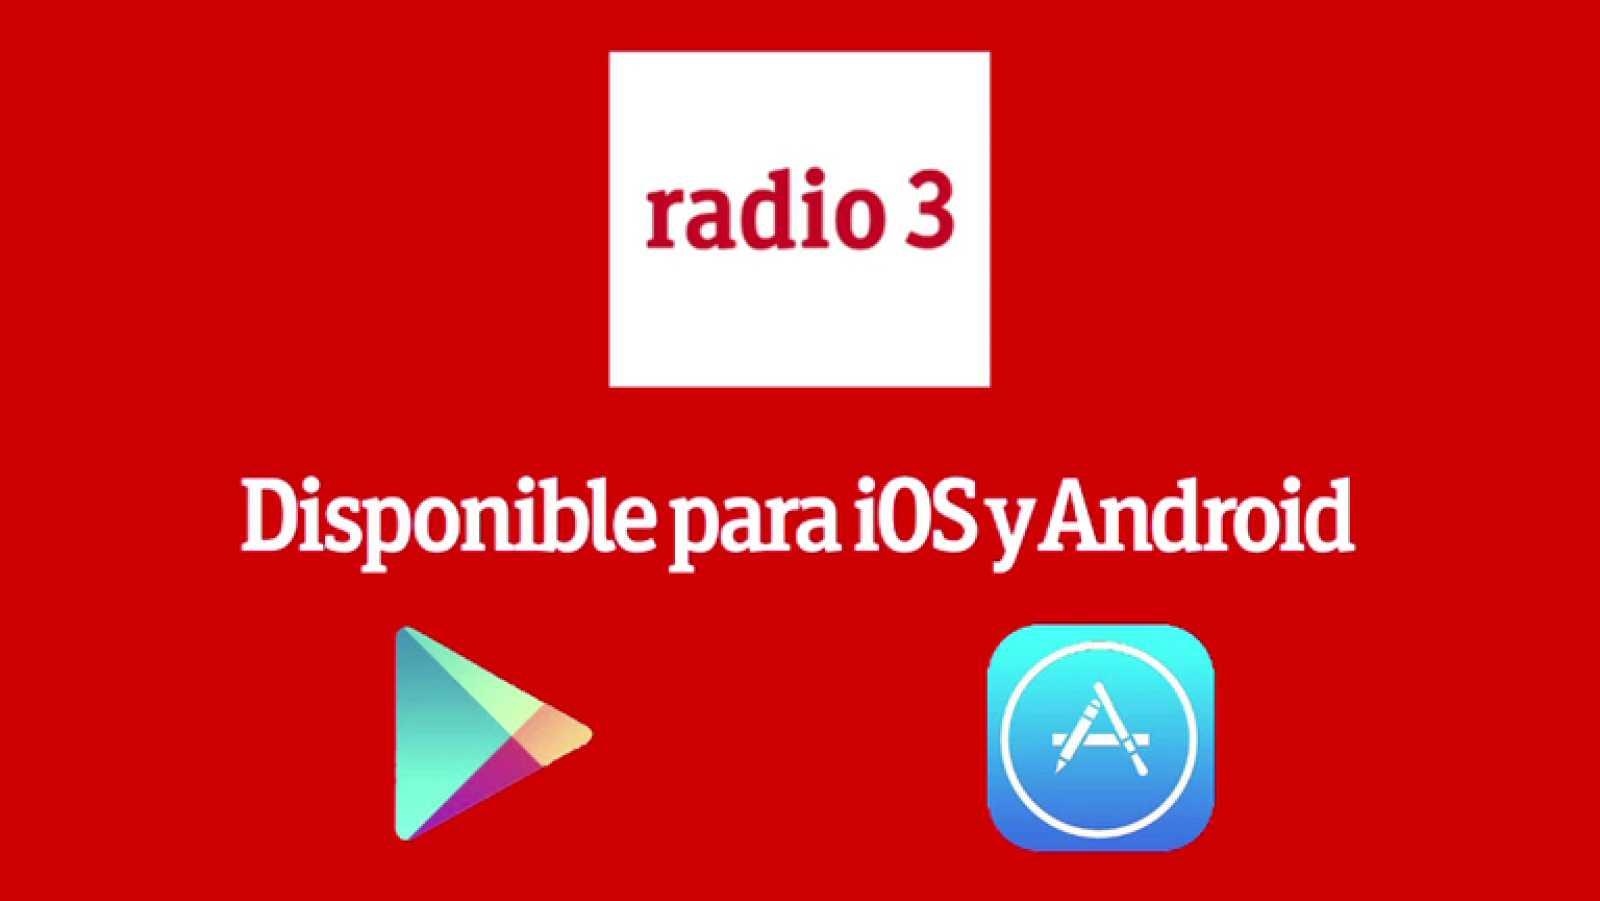 Aplicación de Radio 3 para iOS y Android - 17/10/2013